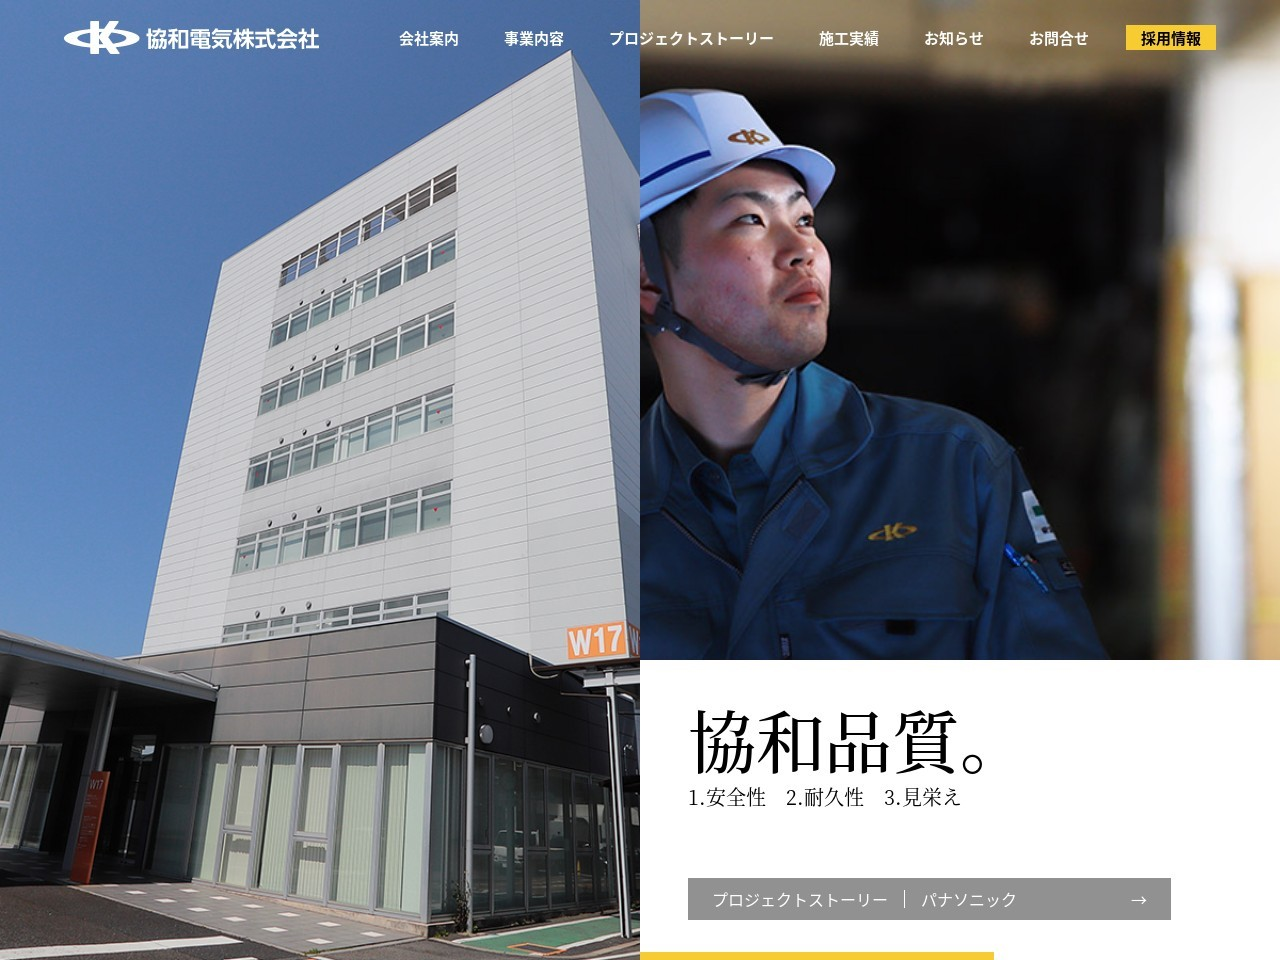 協和電気株式会社